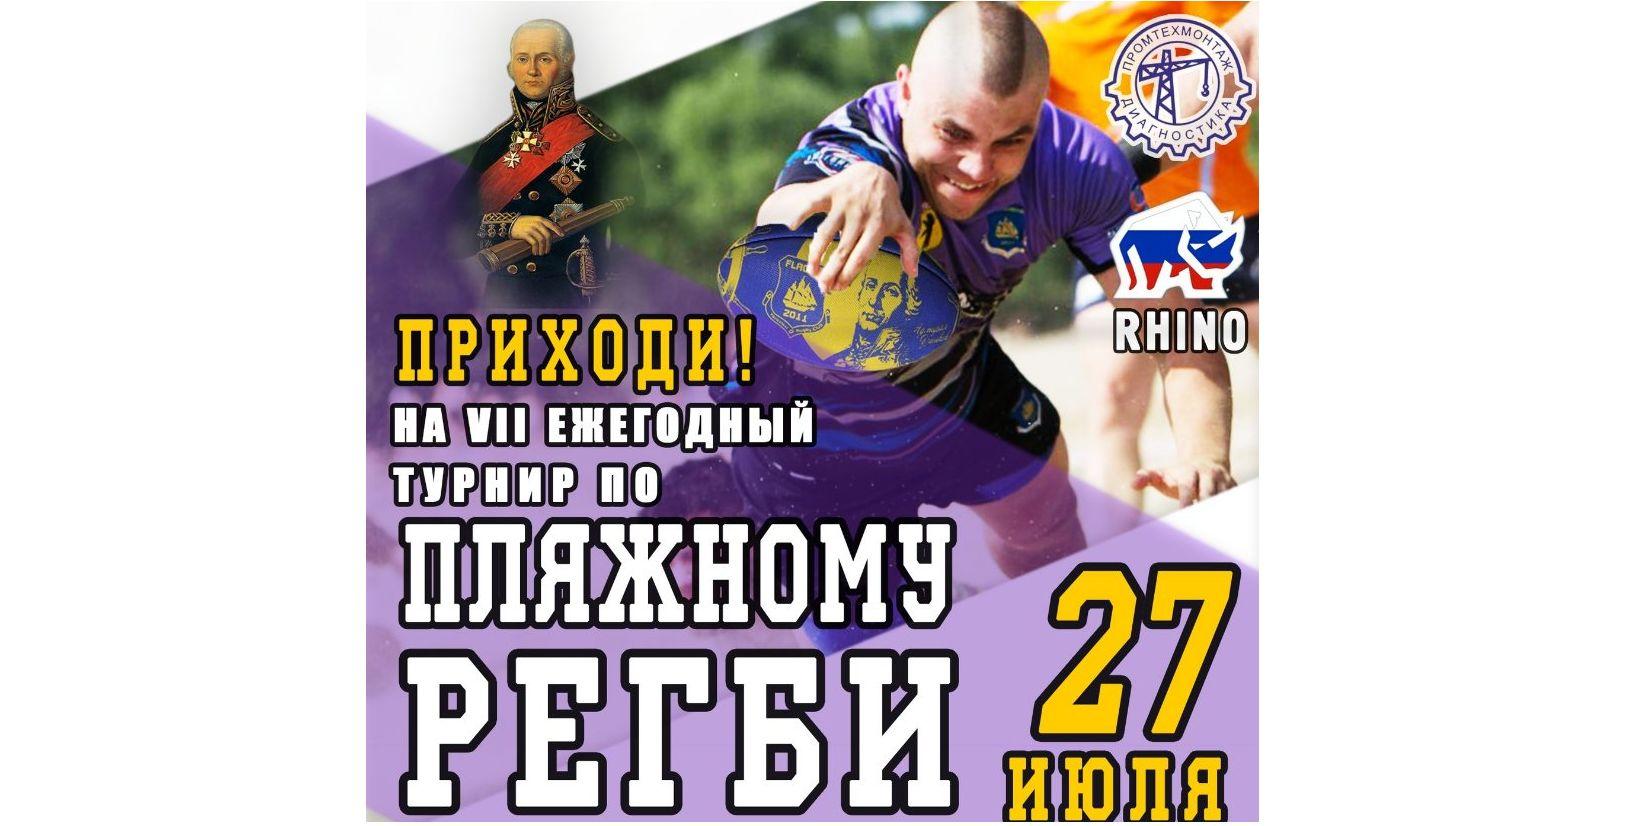 В Ярославле в выходные состоится турнир по пляжному регби